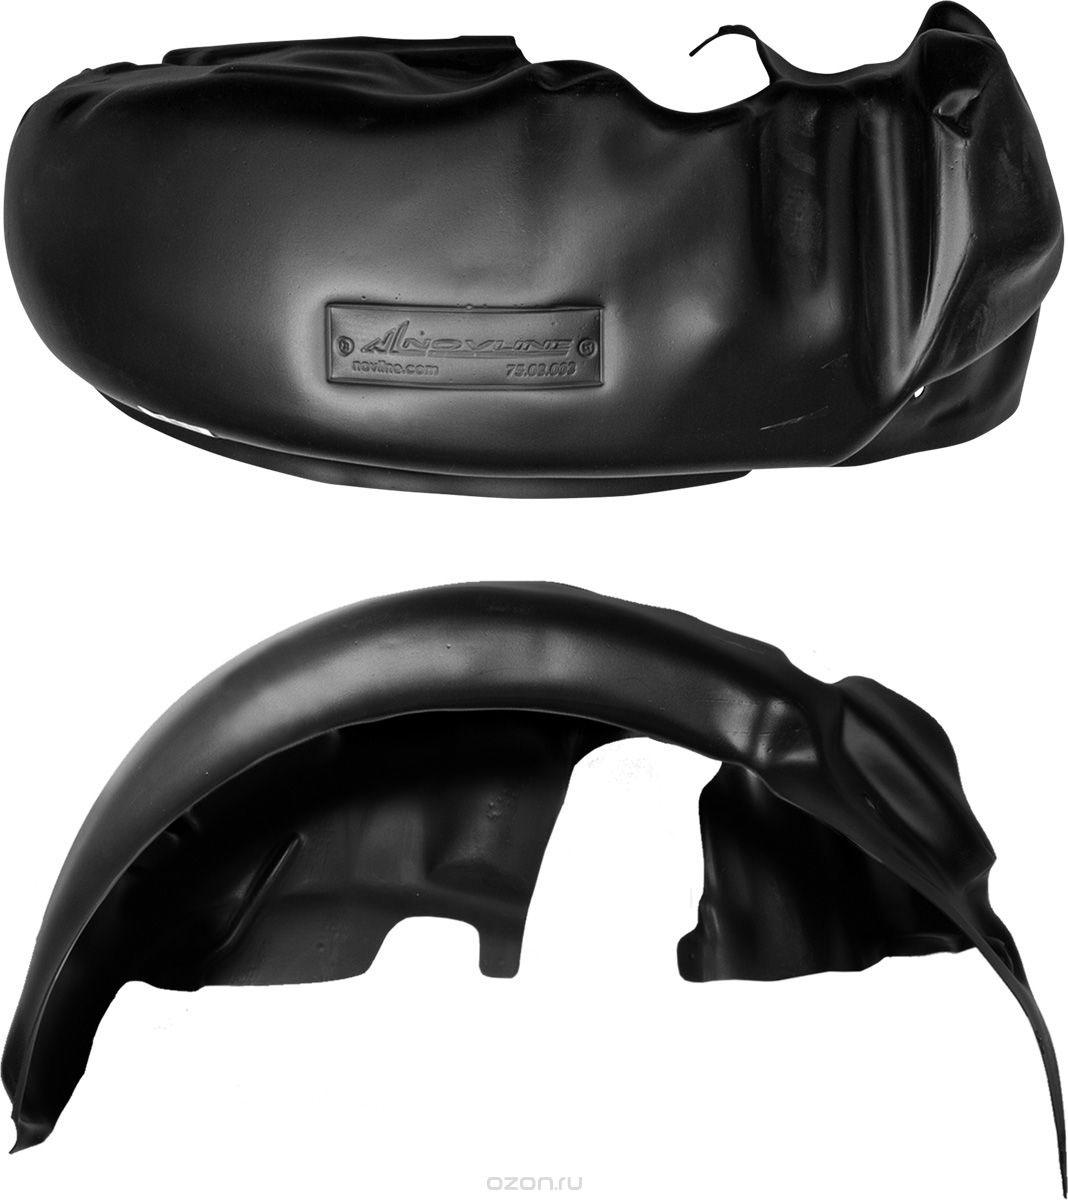 Подкрылок Totem, для Lifan X50, 06/2015->, кроссовер, задний правыйNLL.73.09.004Идеальная защита колесной ниши. Локеры разработаны с применением цифровых технологий, гарантируют максимальную повторяемость поверхности арки. Изделия устанавливаются без нарушения лакокрасочного покрытия автомобиля, каждый подкрылок комплектуется крепежом. Уважаемые клиенты, обращаем ваше внимание, что фотографии на подкрылки универсальные и не отражают реальную форму изделия. При этом само изделие идет точно под размер указанного автомобиля. Крупногабаритный товар.